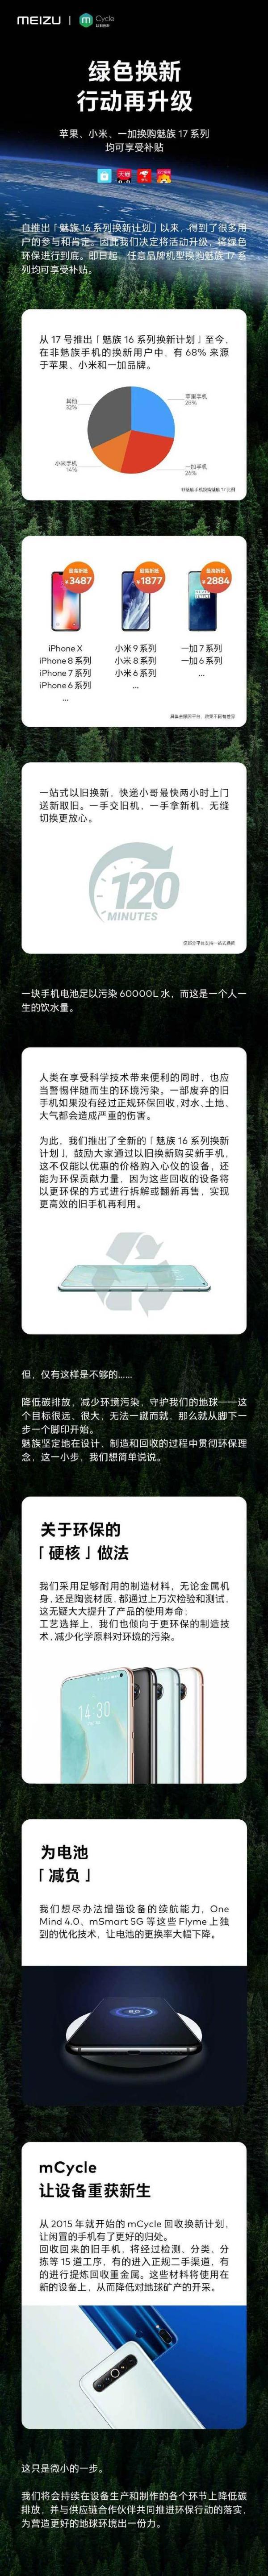 魅族换新计划再升级,其他品牌也可换购魅族17系列